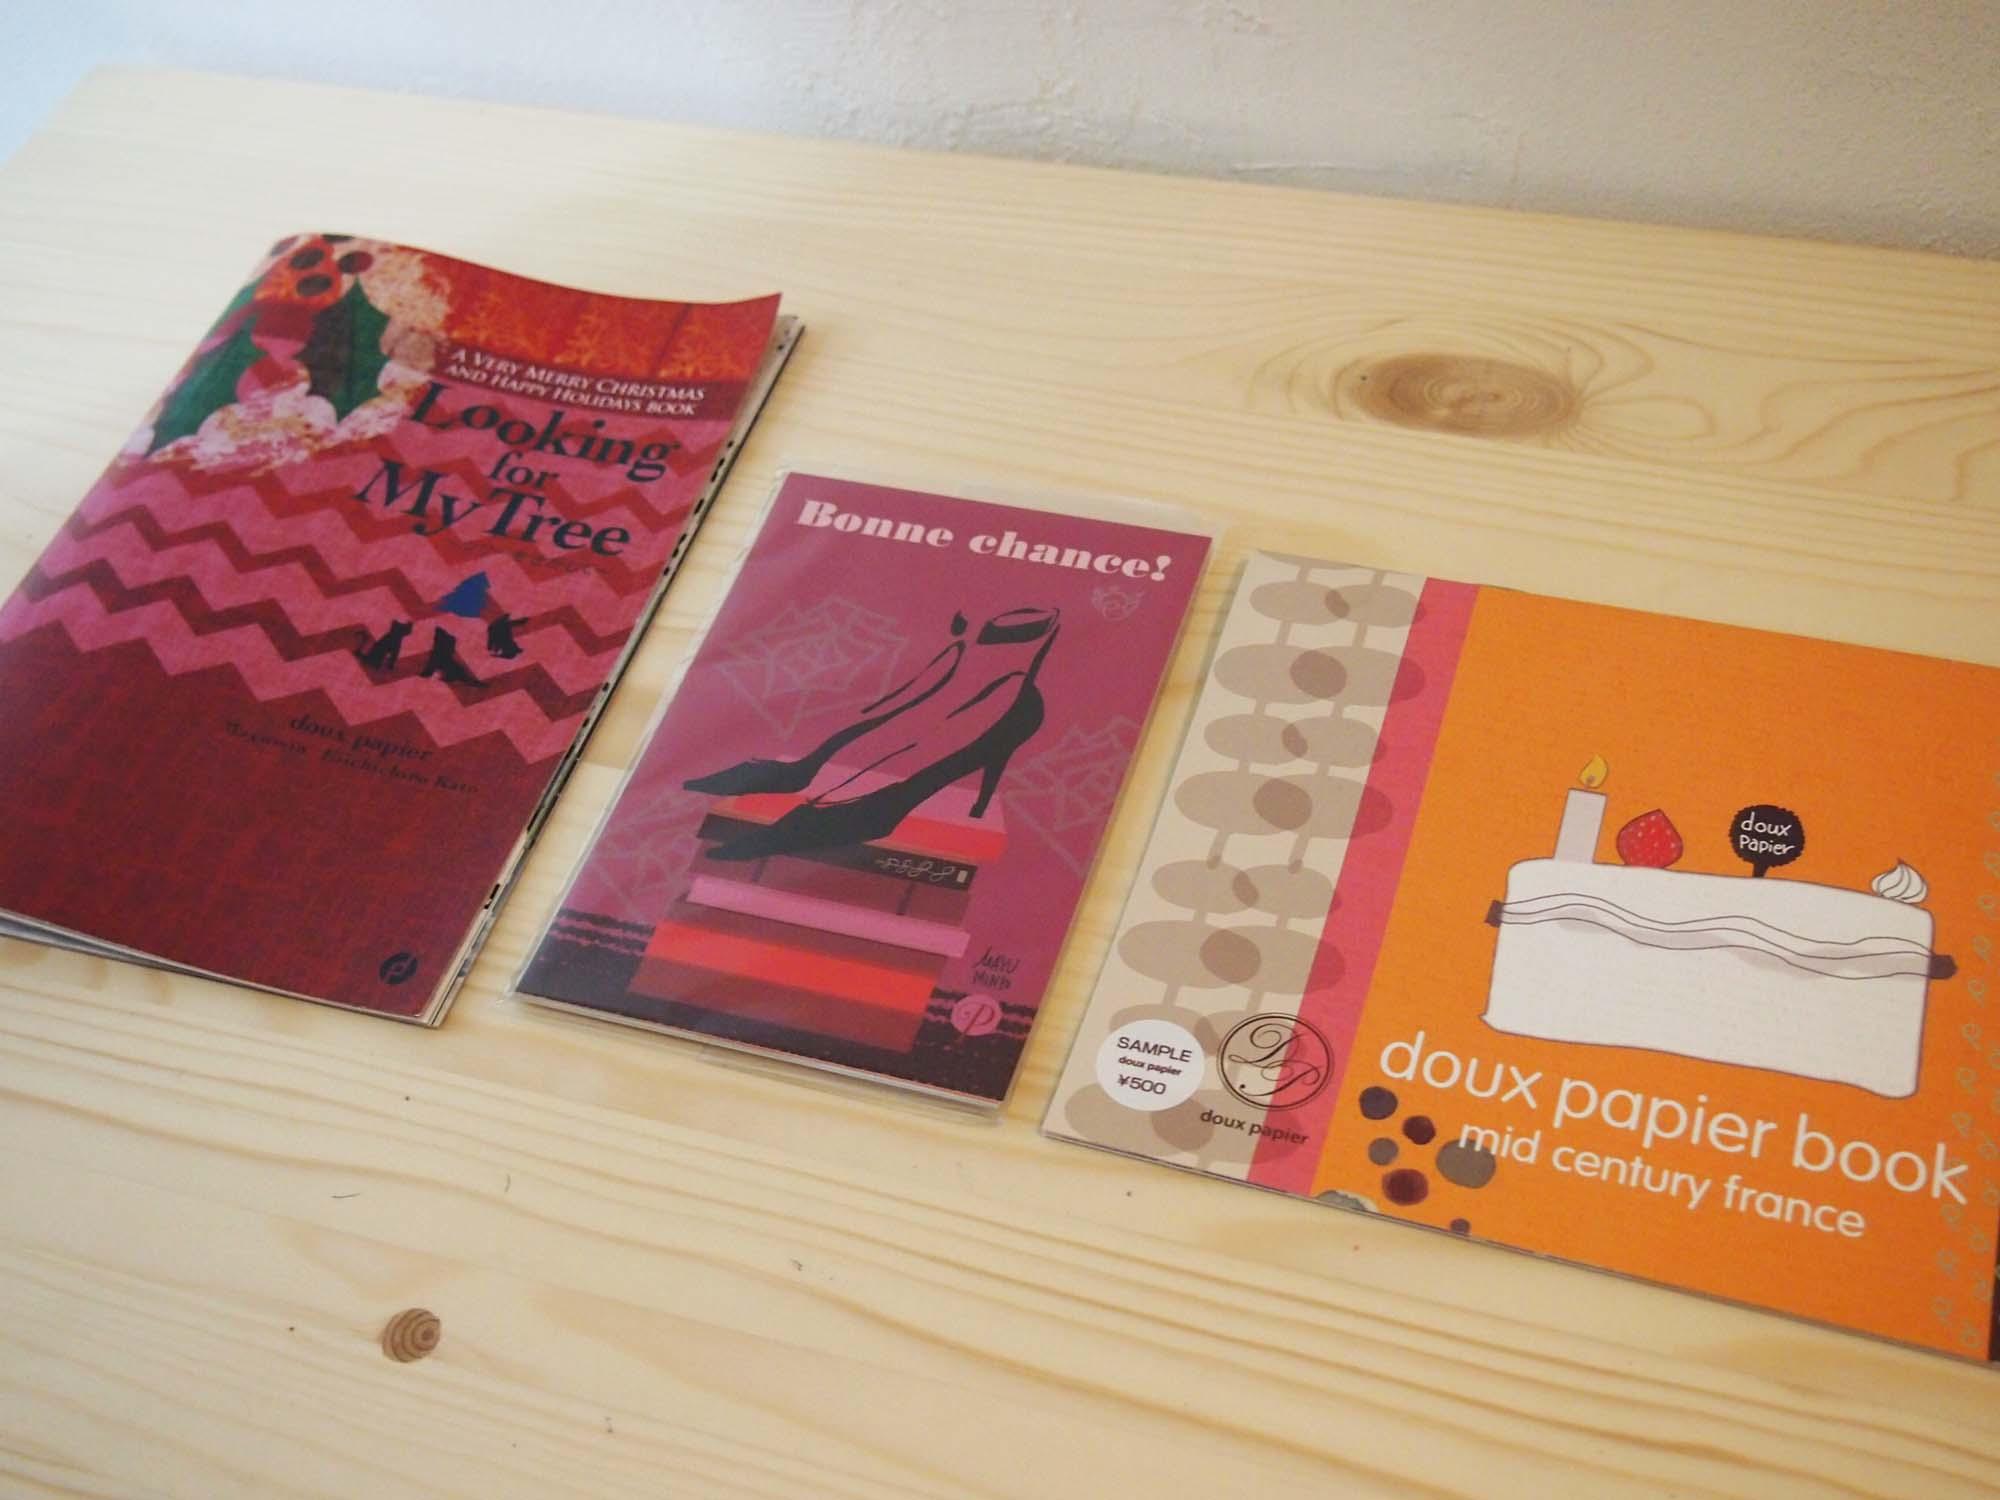 2013年10月3日 〜10月14日 『Little Book Store』-クリエイターが作る小さな本展- _f0172313_23392764.jpg